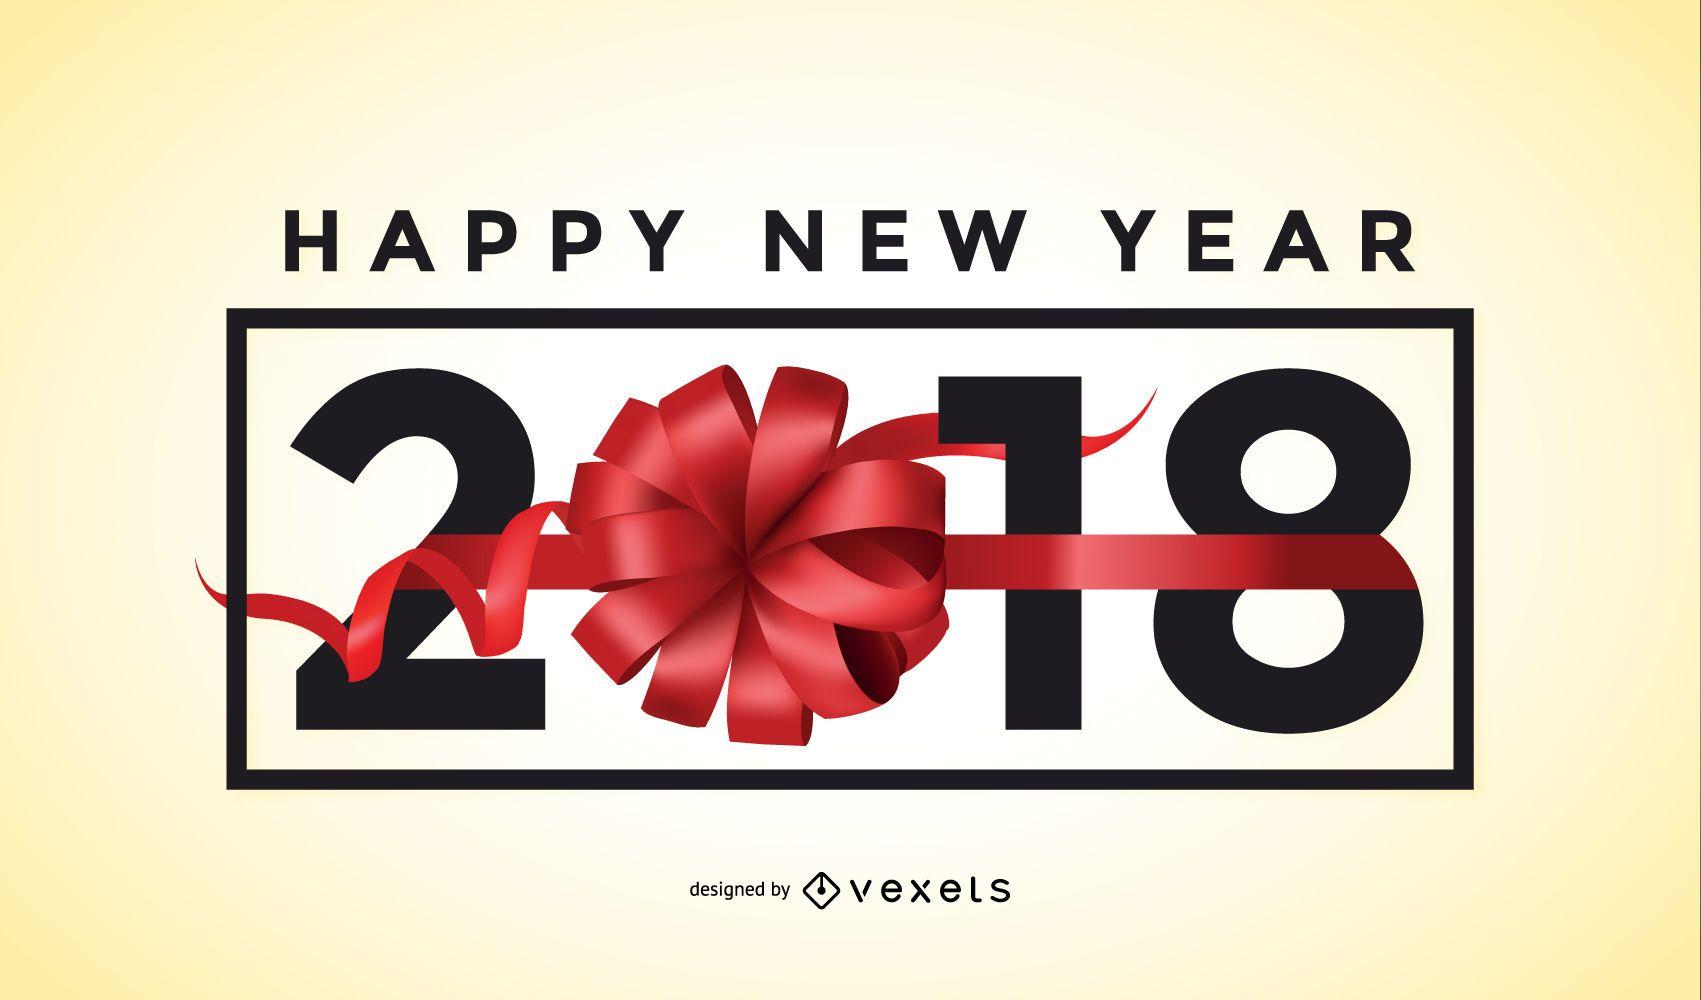 Signo de arco de regalo de año nuevo 2018